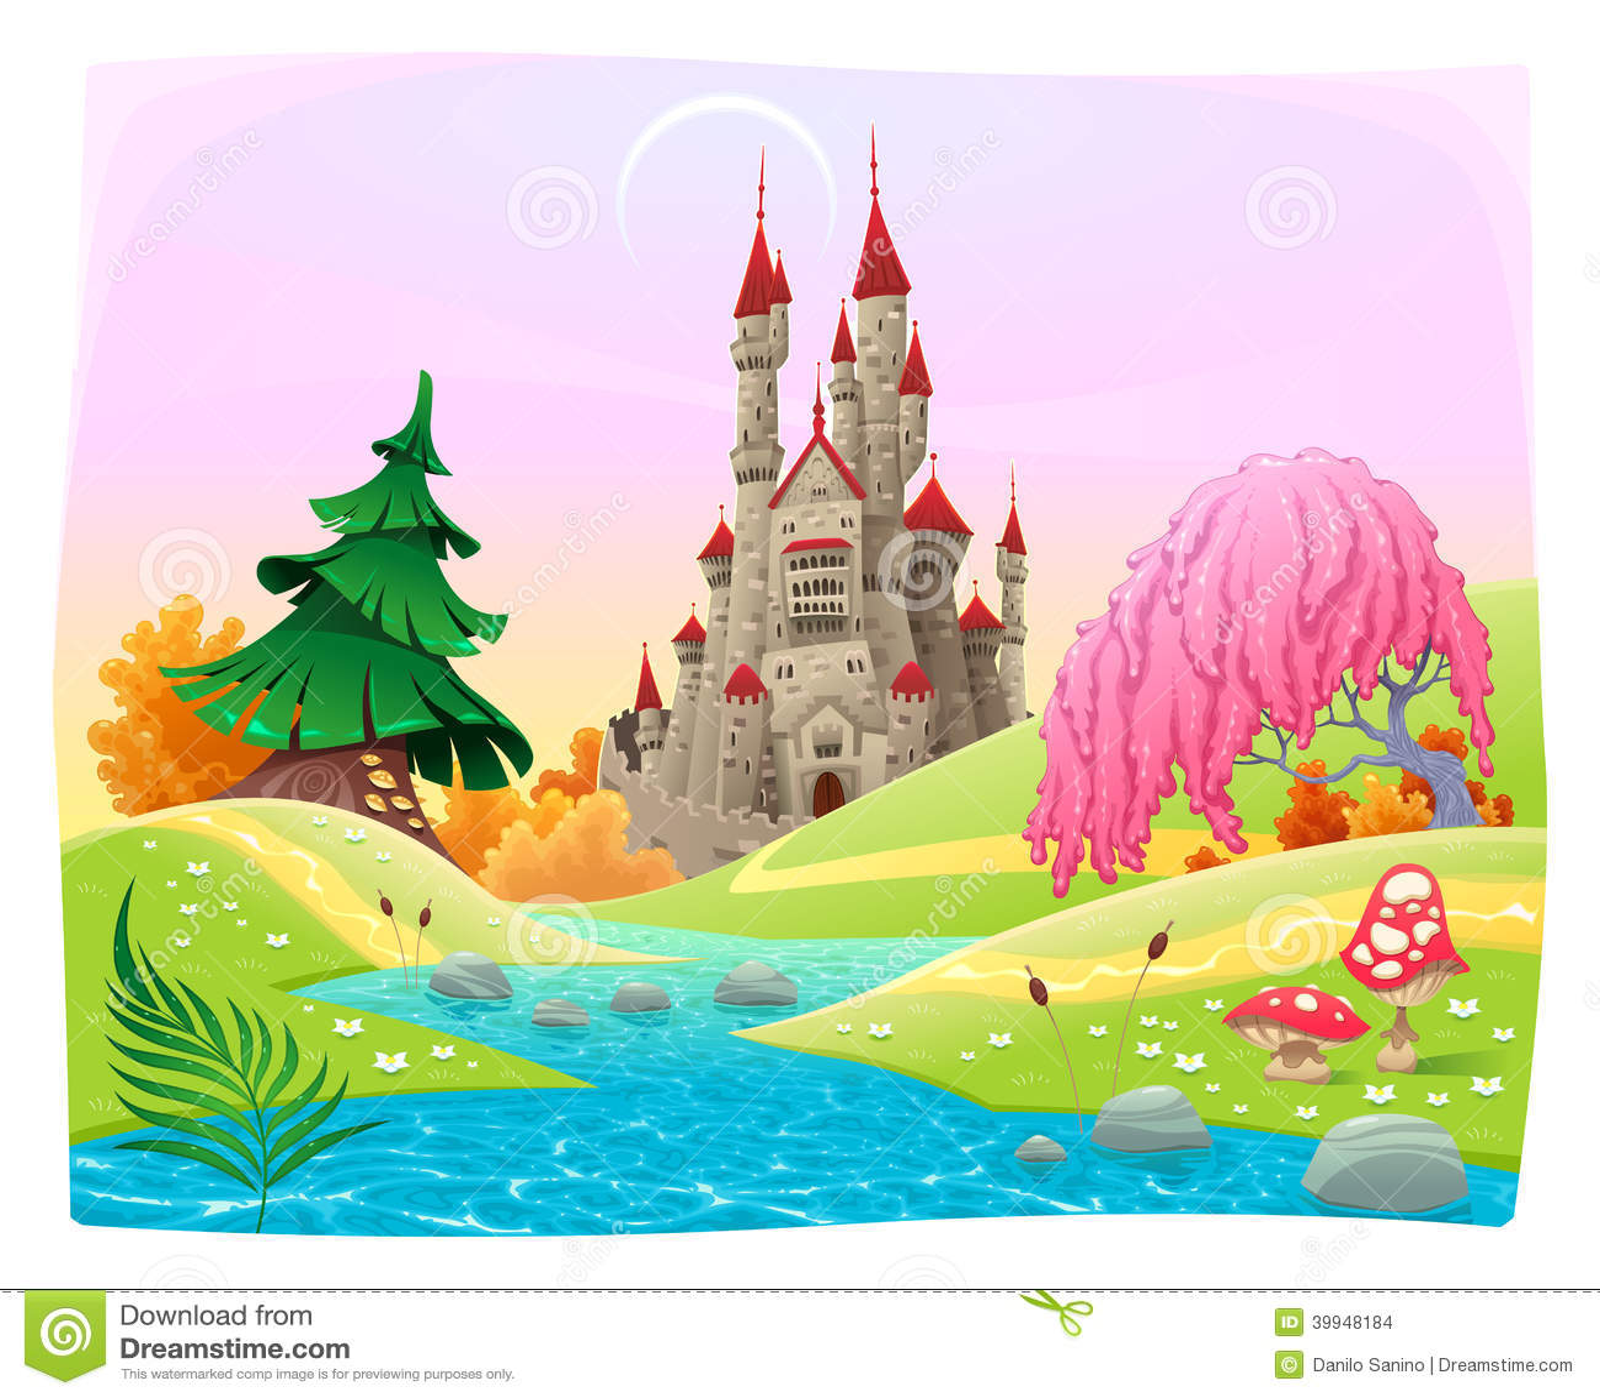 Paisaje mitológico con el castillo medieval.